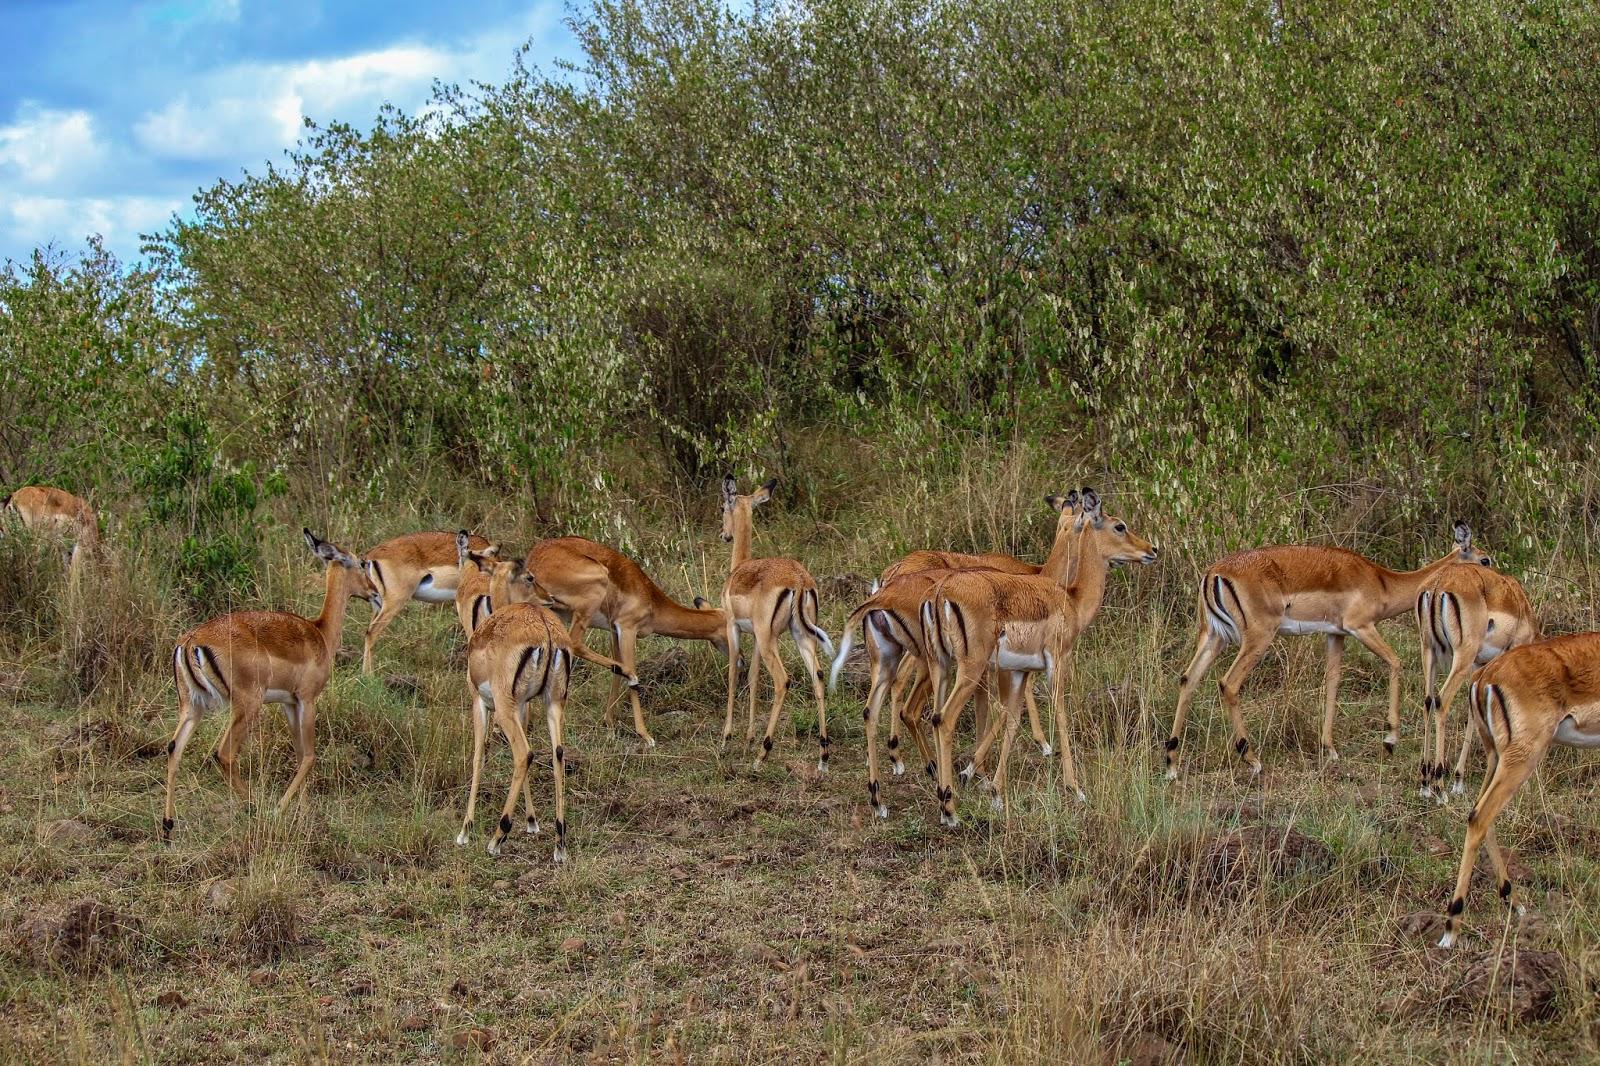 Impala photo - Aepyceros melampus - G27145 | Arkive